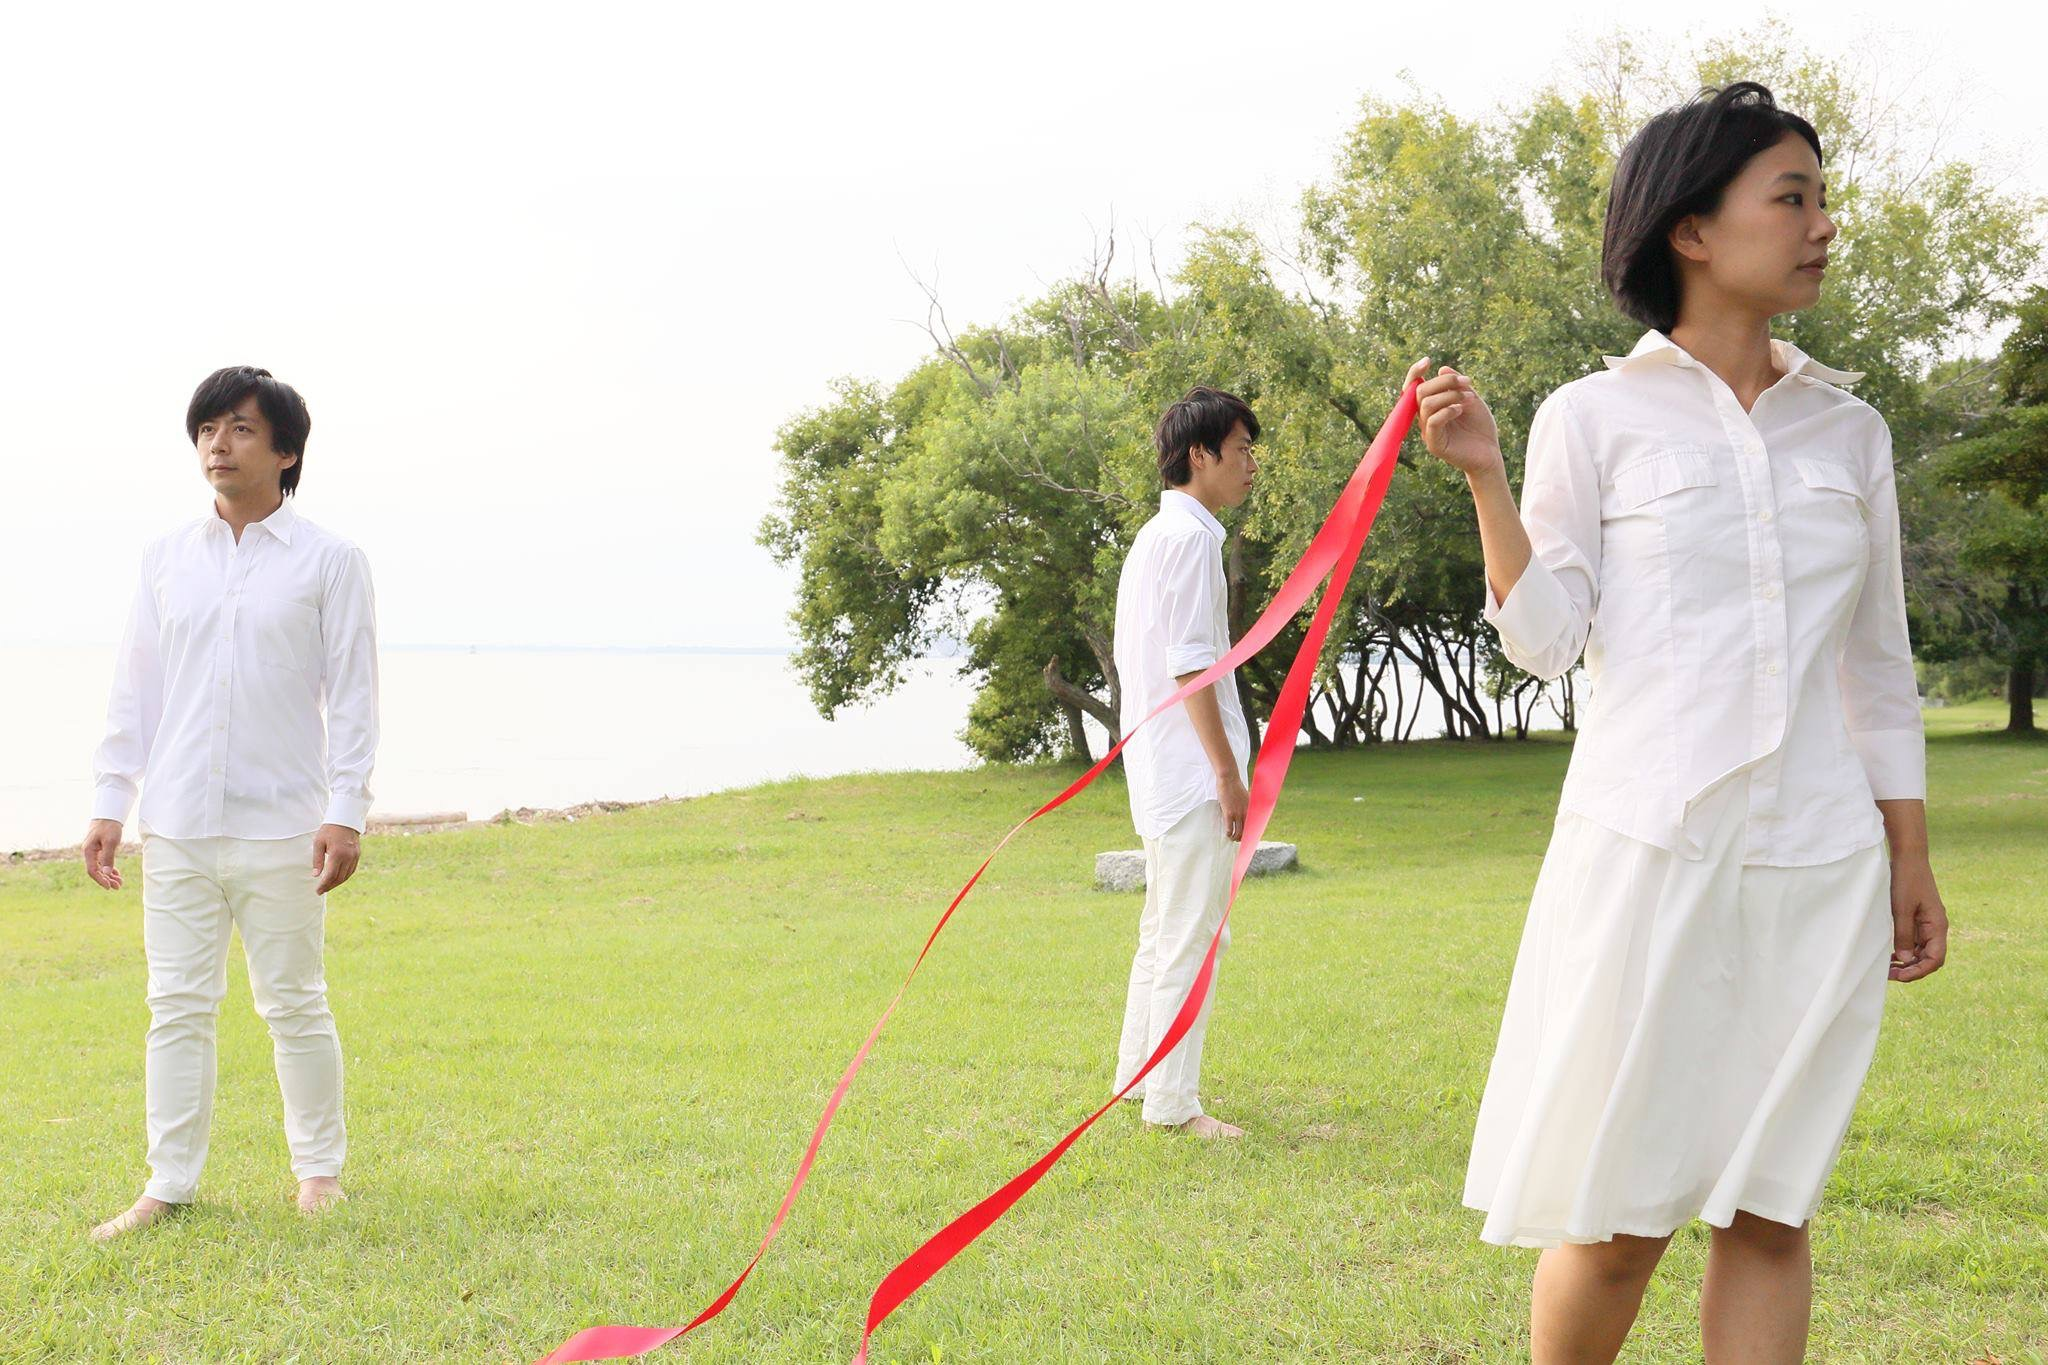 【9/30・10/1】芸術の秋!まちなかえんげき「furico」第2回furicoプロデュース公演『きみさりしのち』【長浜】